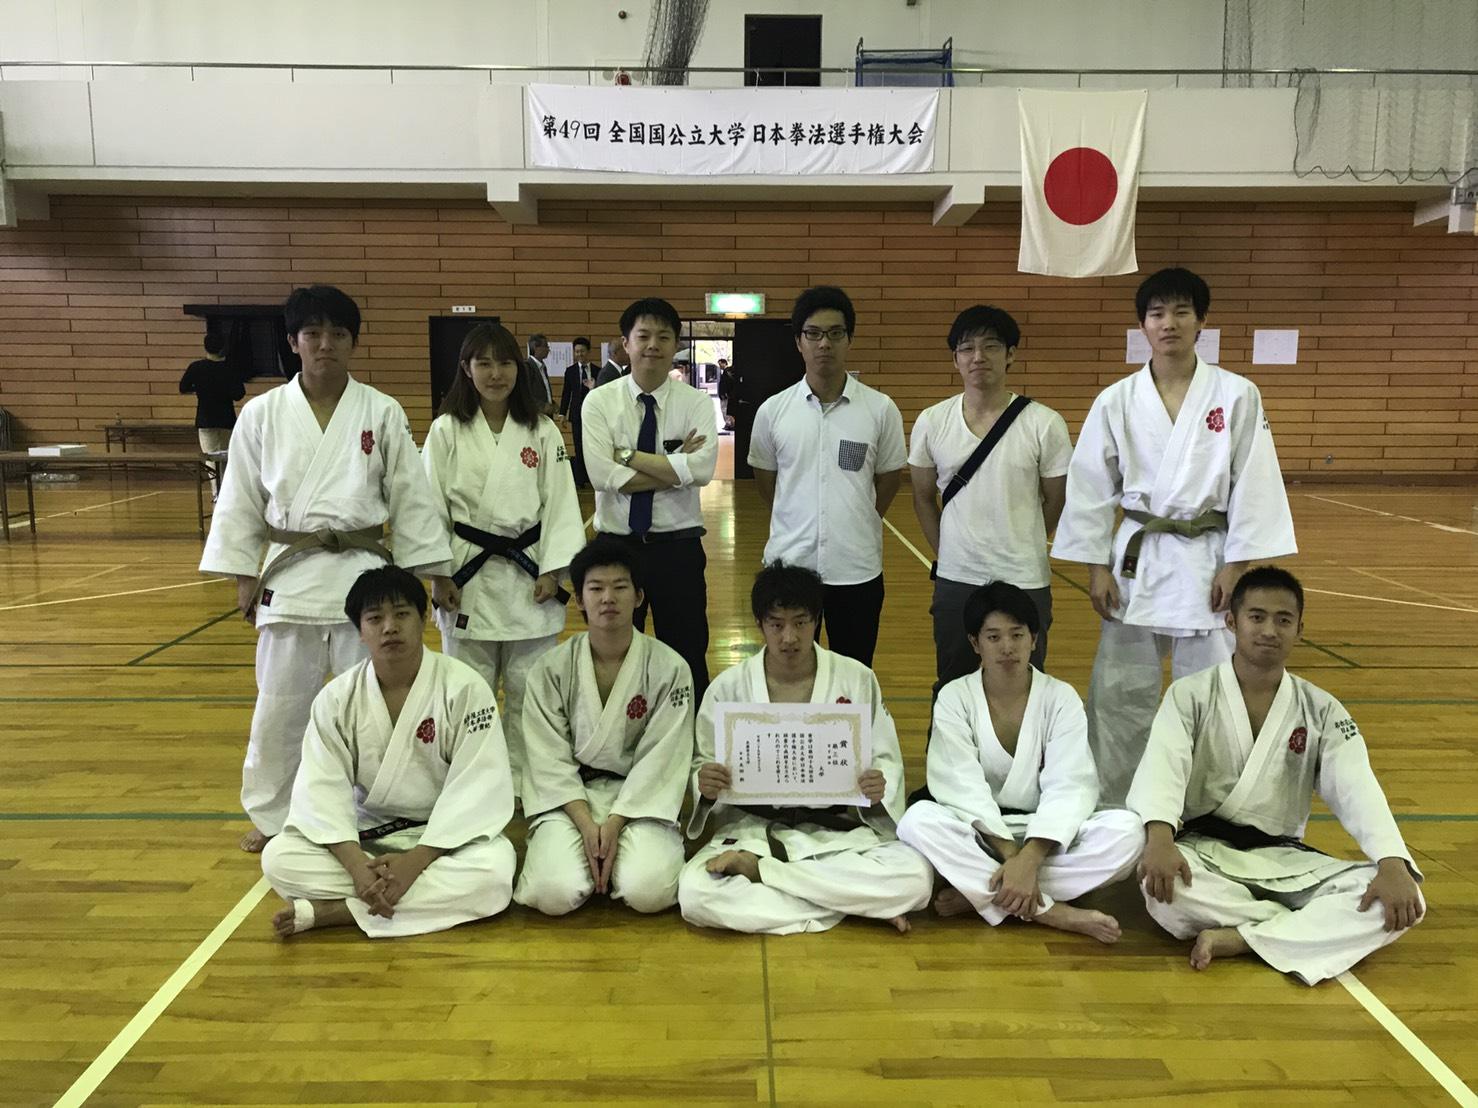 日本拳法部 第49回全国国公立大学日本学生拳法選手権大会 男子団体の部で3位入賞しました!